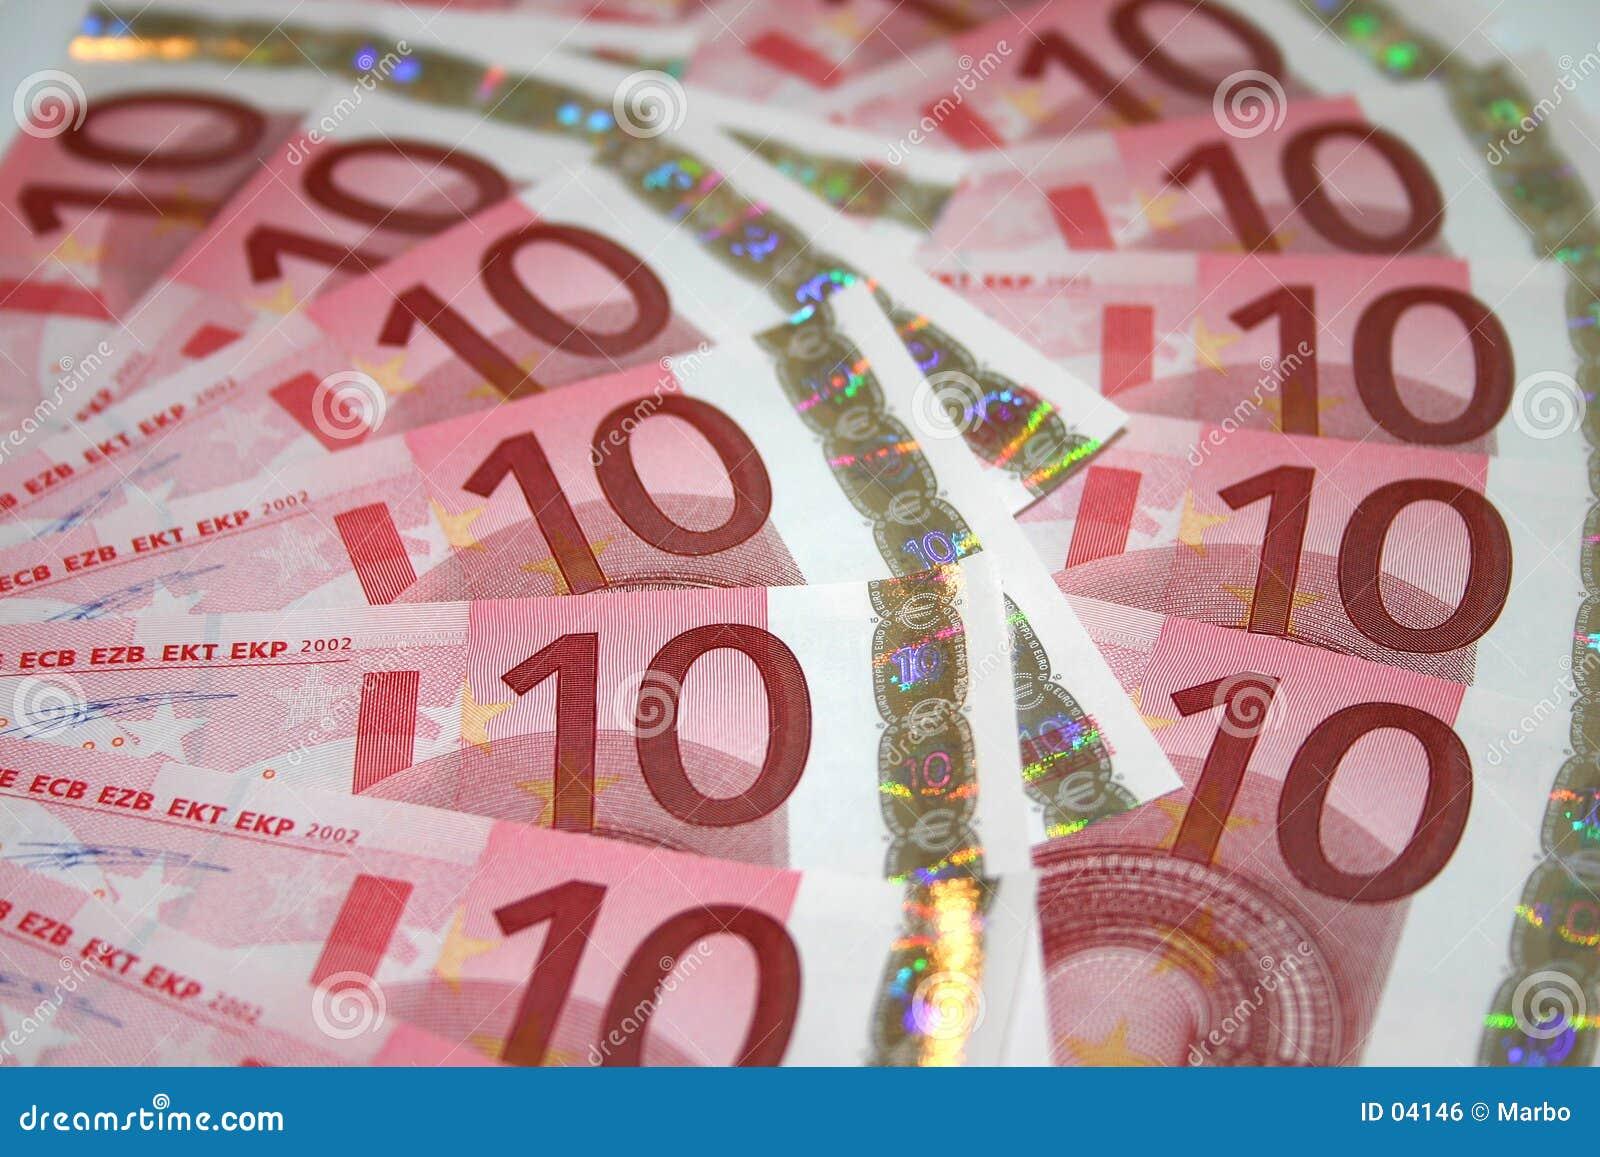 Euro 10 factures